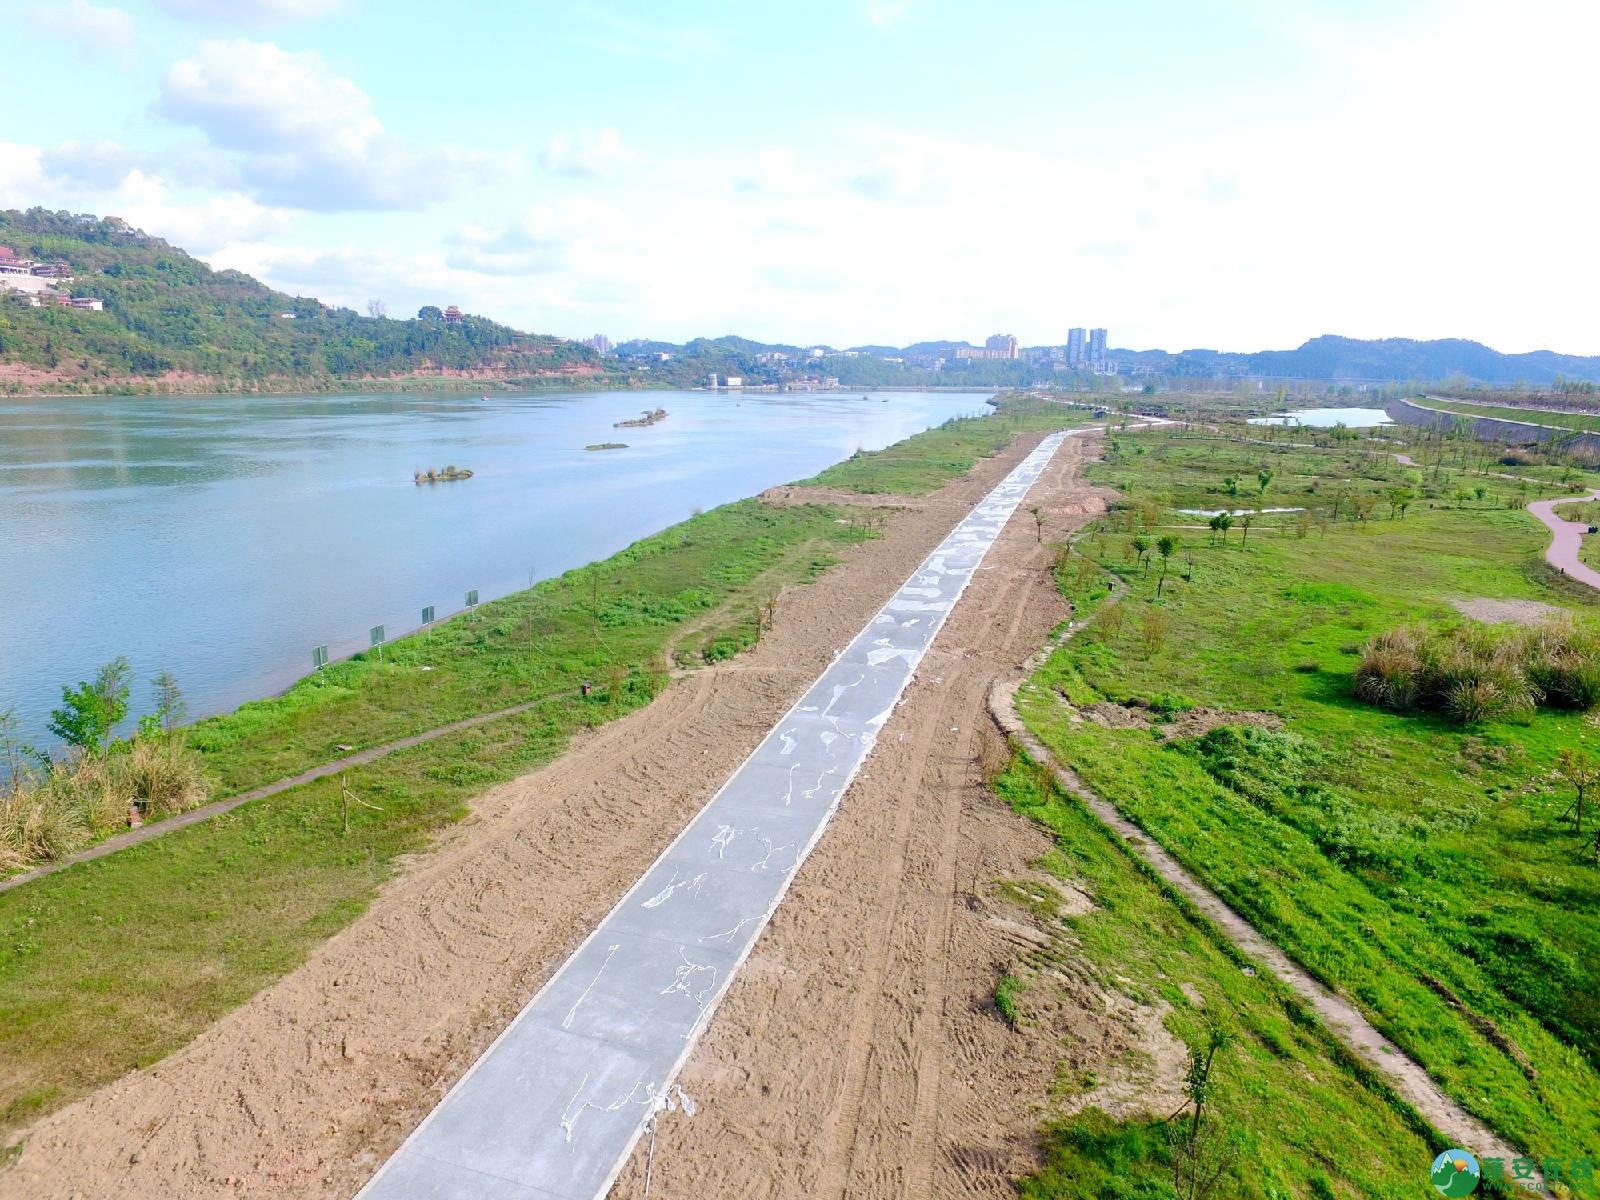 蓬安县锦屏镇湿地公园跑道、纵一道路、干一道工程进度(2018年4月6日) - 第5张  | 蓬安在线